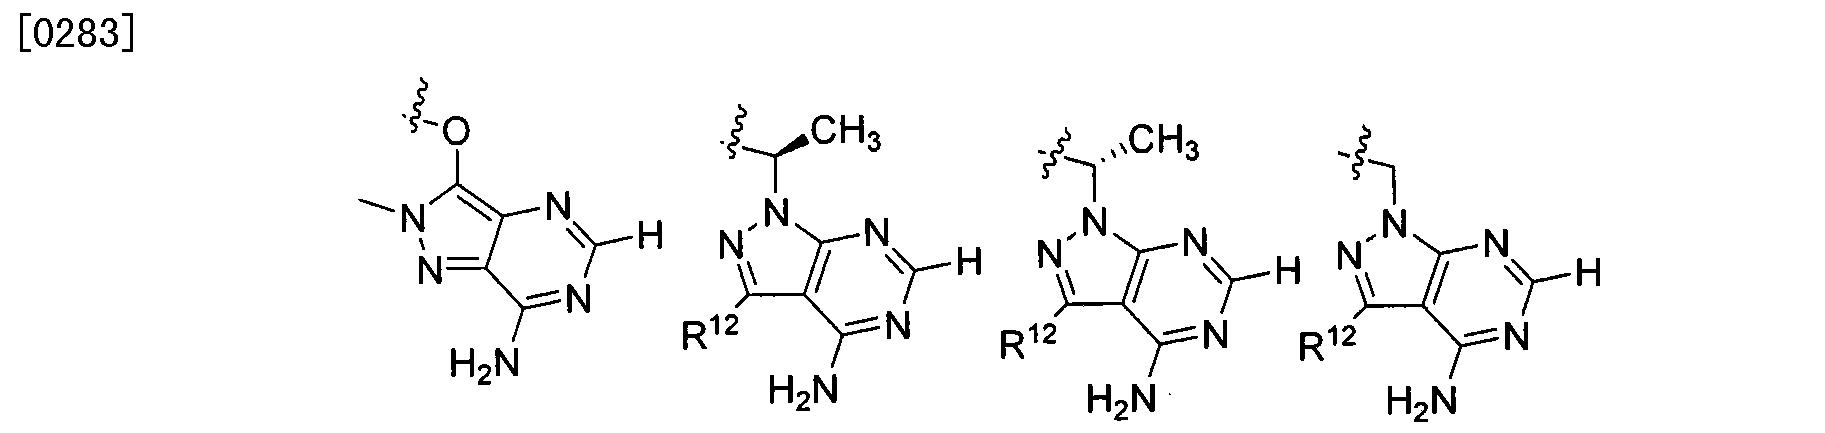 Figure CN101965335BD00352